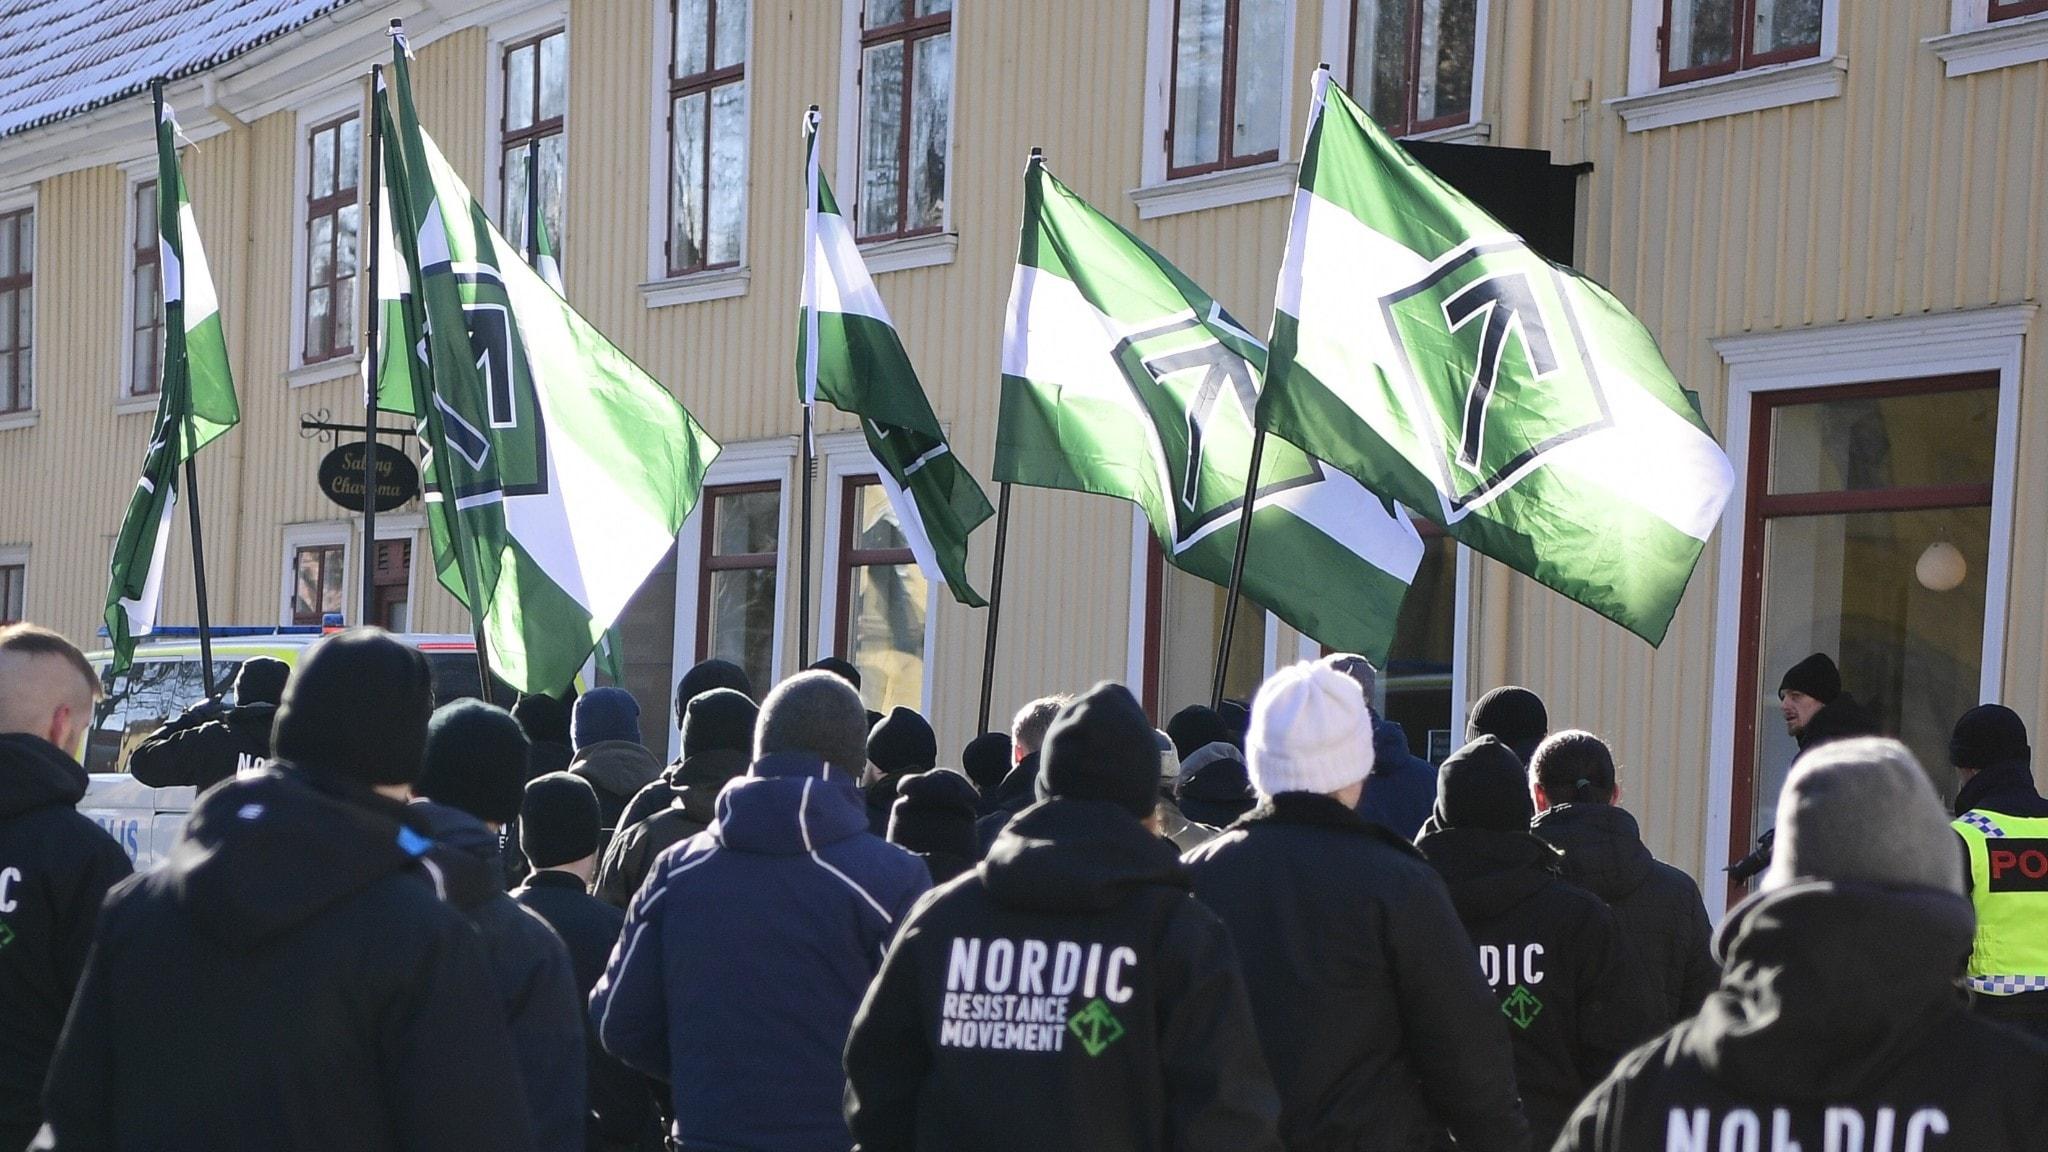 Bild på svartklädda personer med NMR-flaggor som demonstrerar.